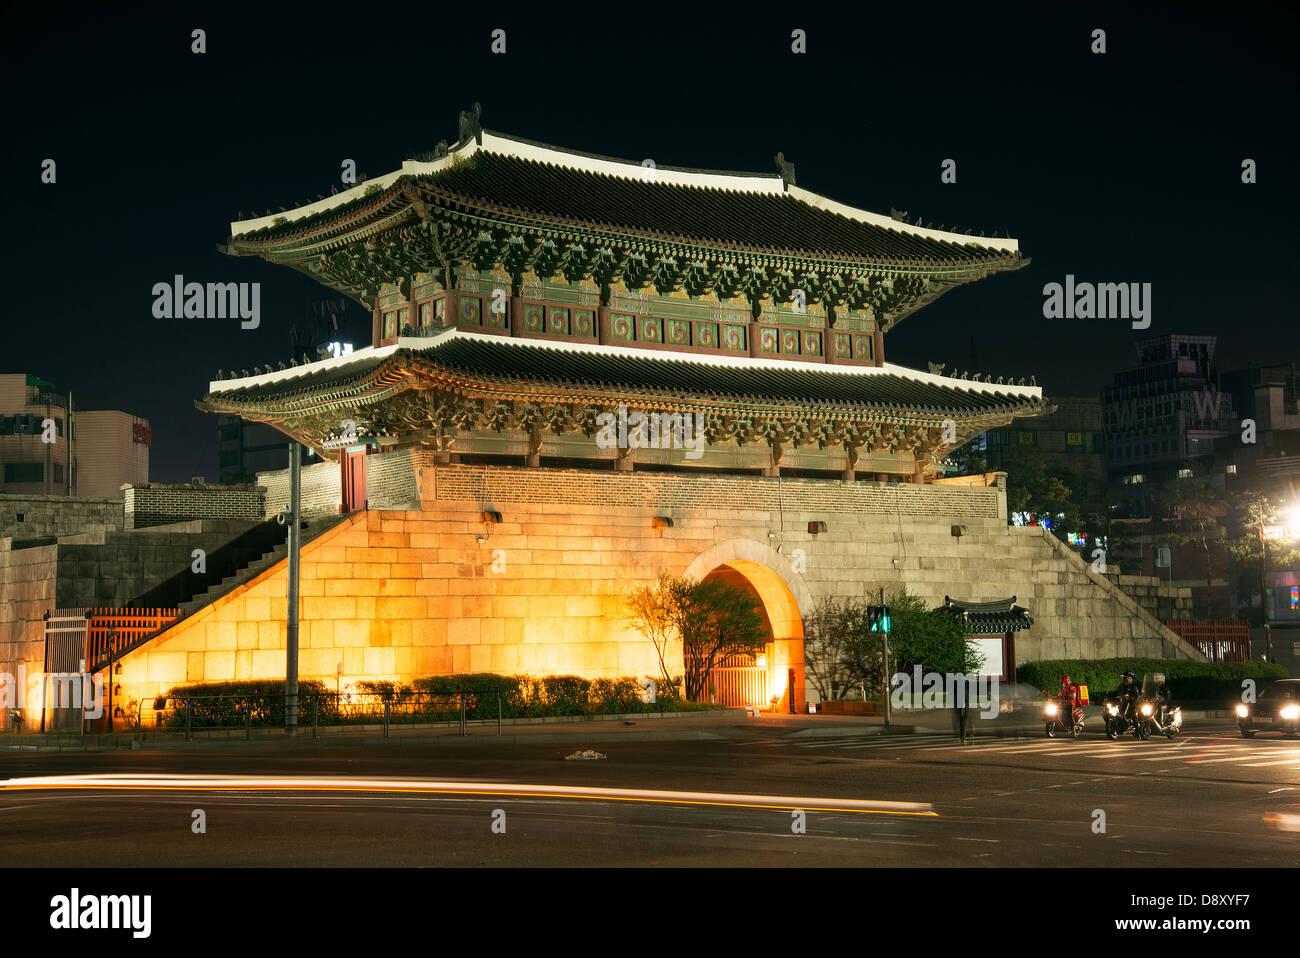 Puerta de dongdaemun hito en Seúl, Corea del Sur durante la noche Imagen De Stock